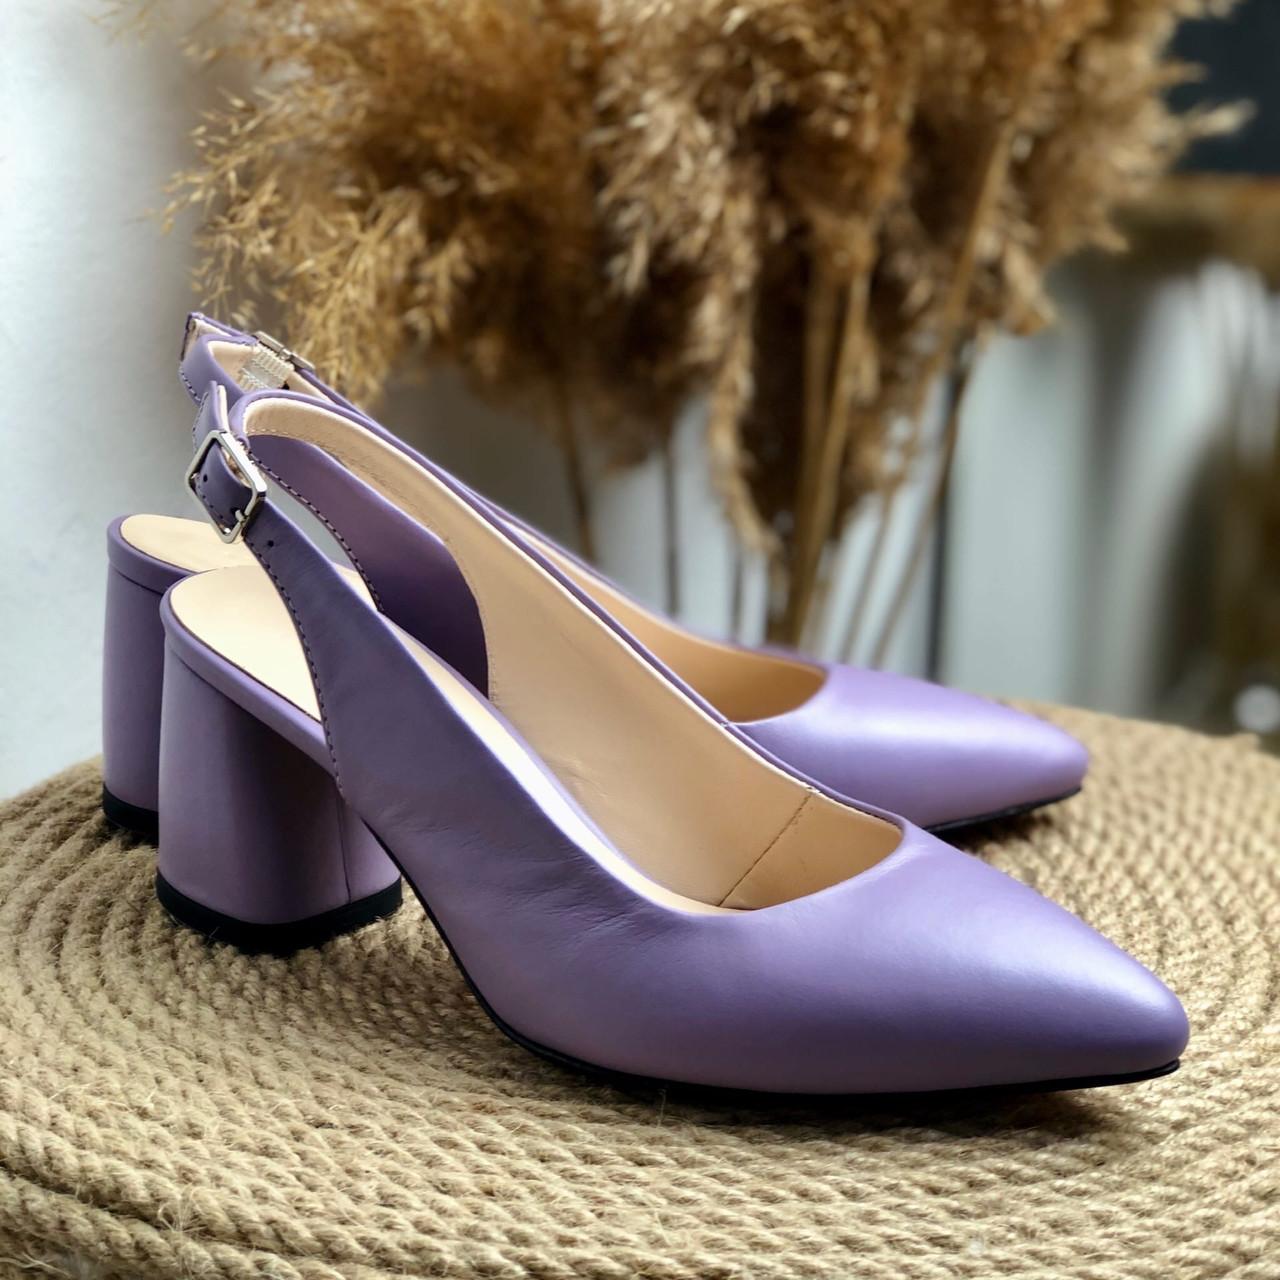 Женские босоножки на невысоком каблуке Натуральная кожа Возможен отшив в других цветах кожи и замши